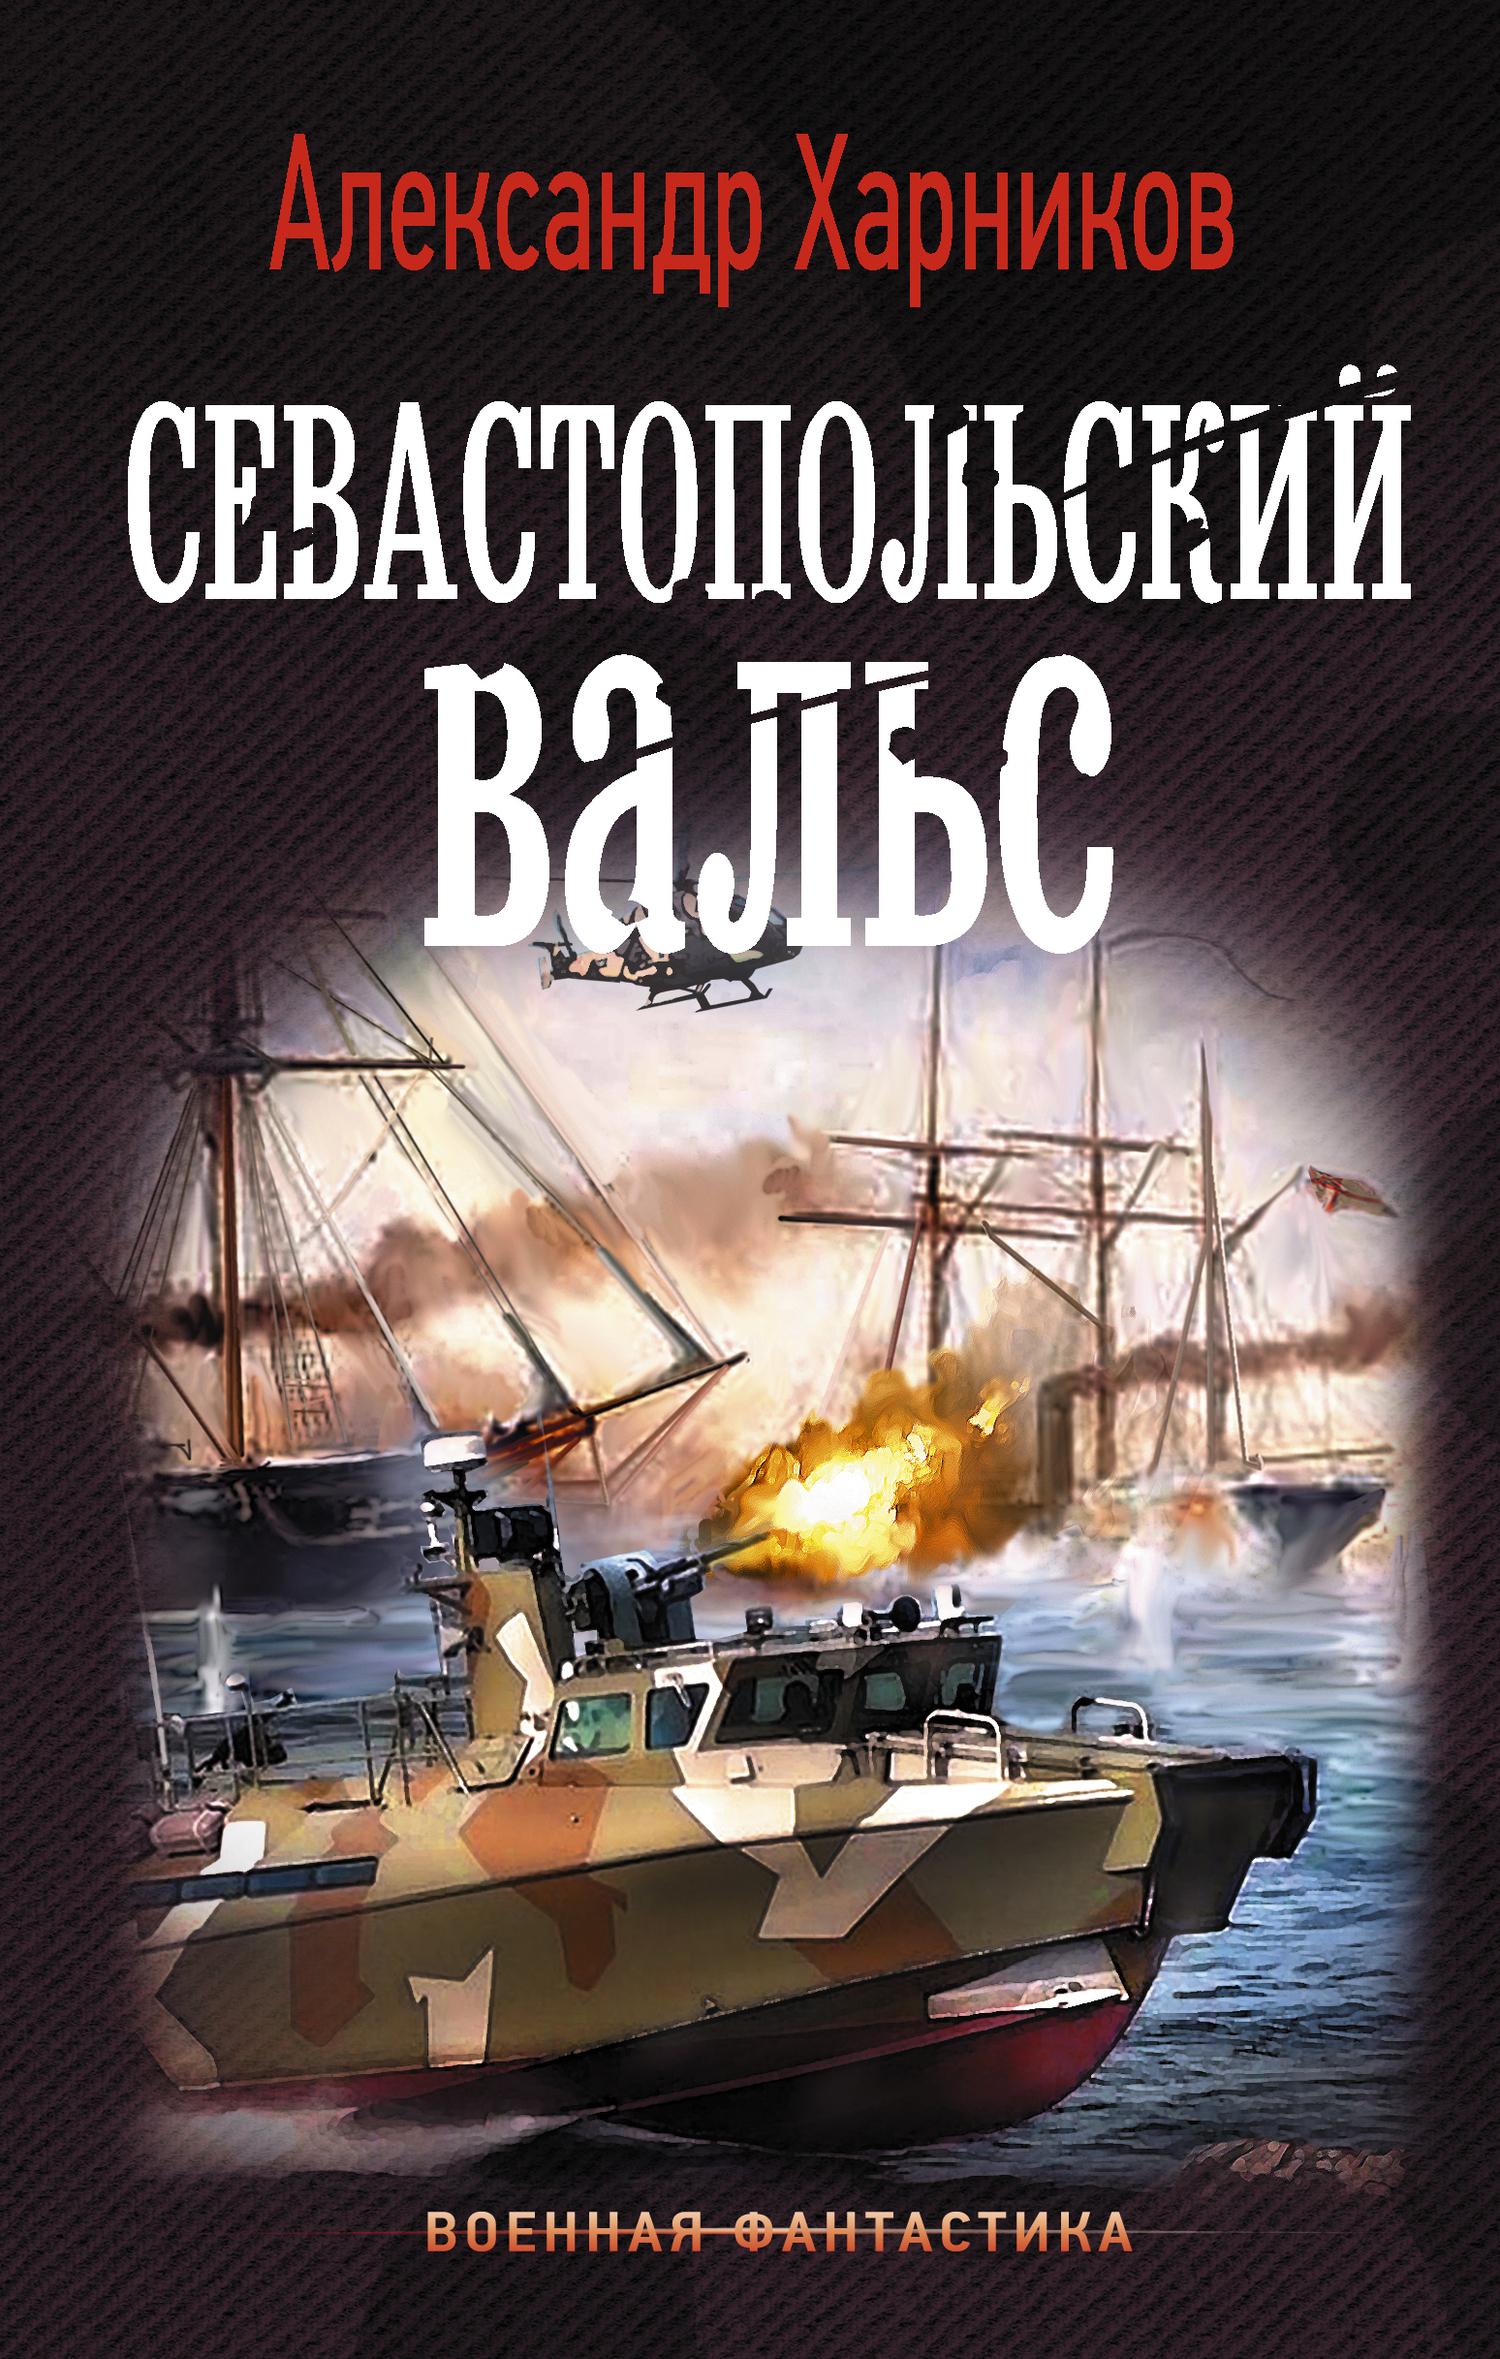 Александр Харников, Максим Дынин - Севастопольский вальс